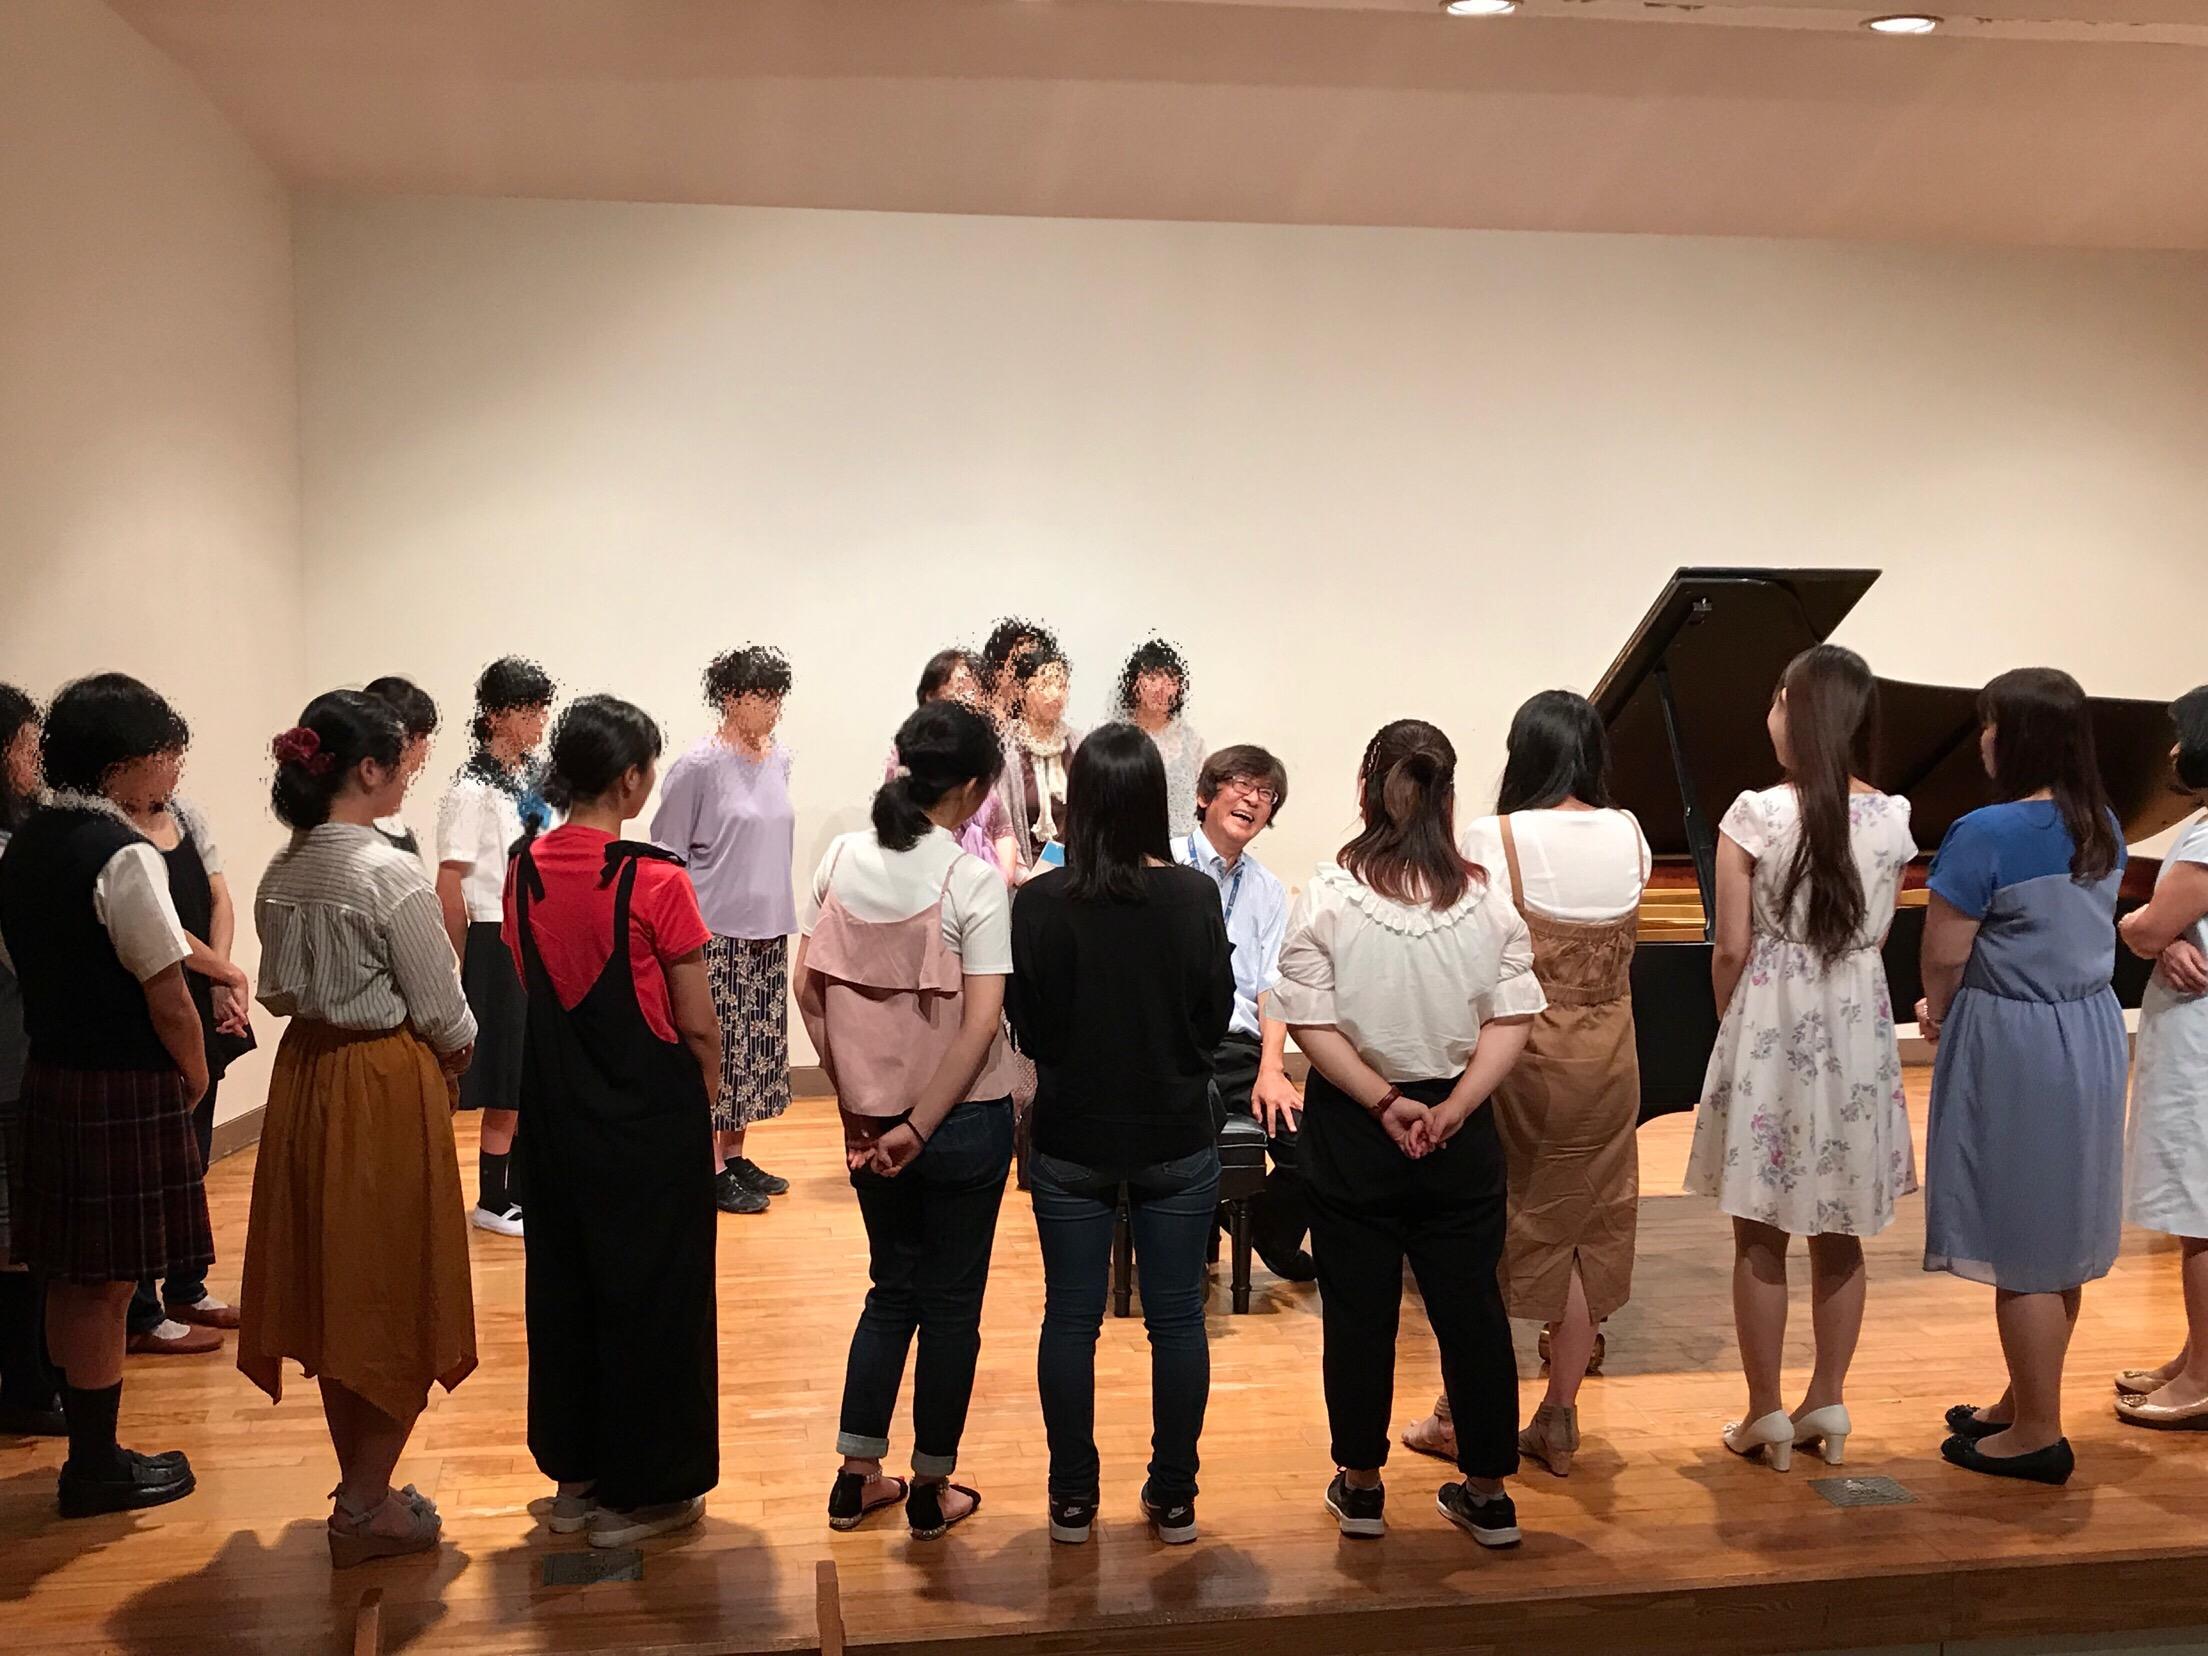 8月25日(土)「ピアノの日」のオープンキャンパス、ご来場ありがとうございました!